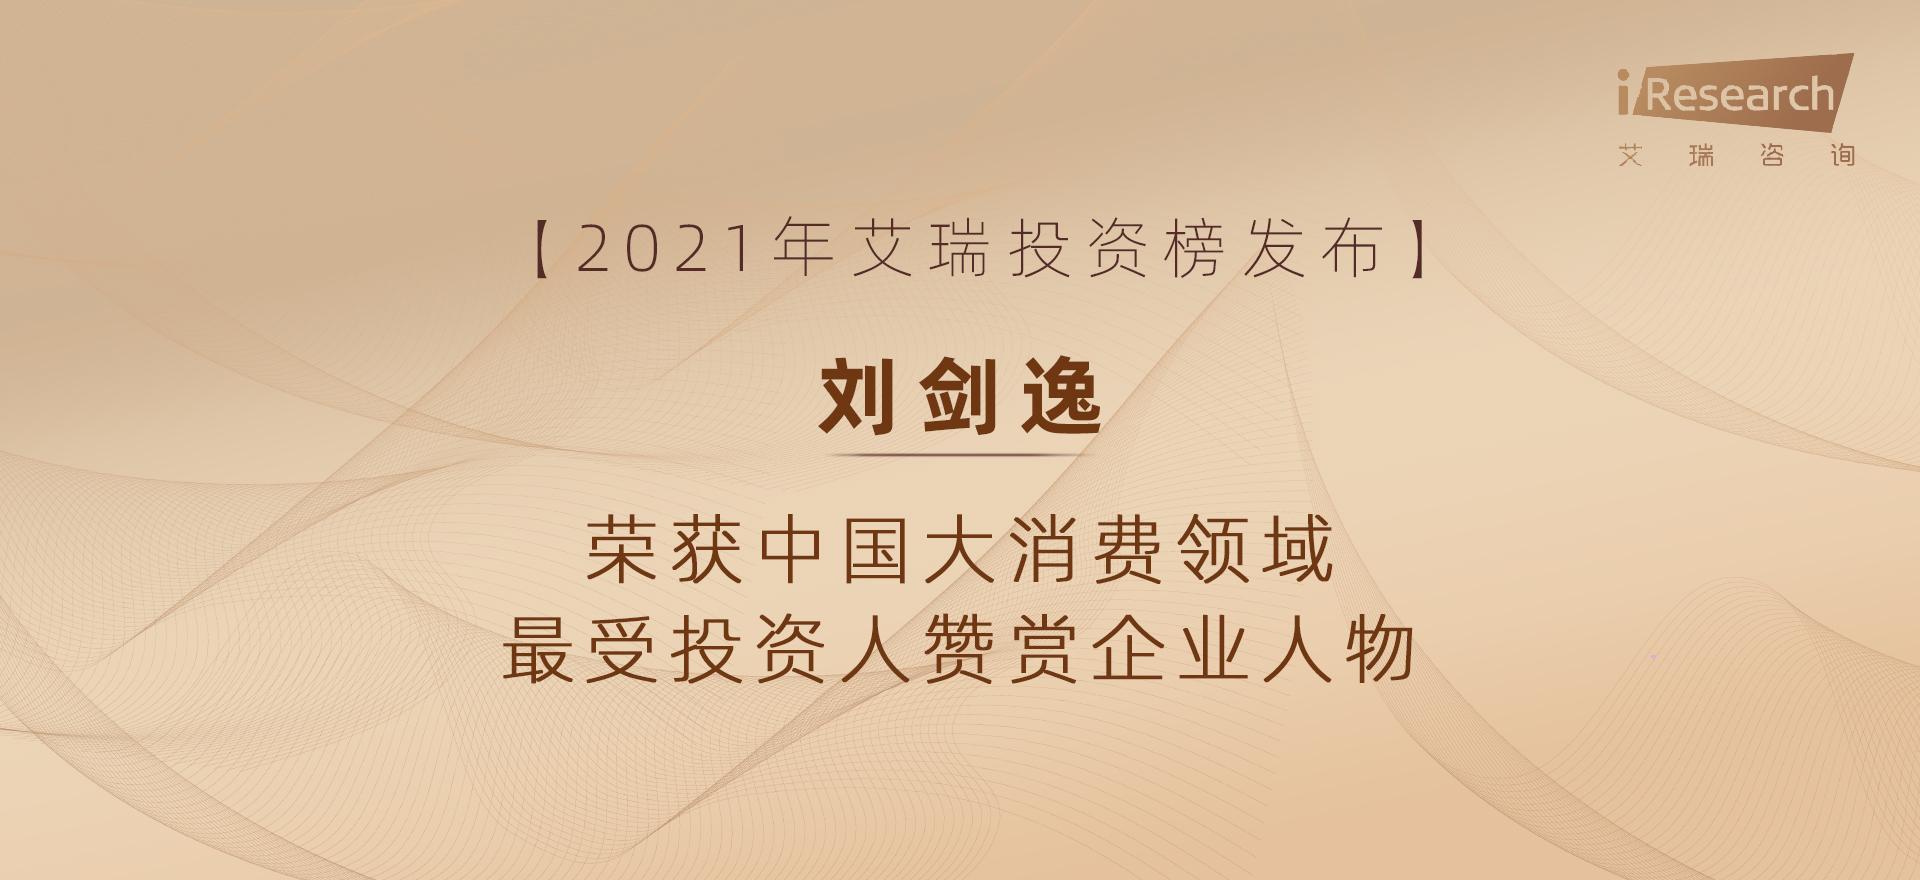 0824艾瑞投资榜banner图二 企业人物.jpg